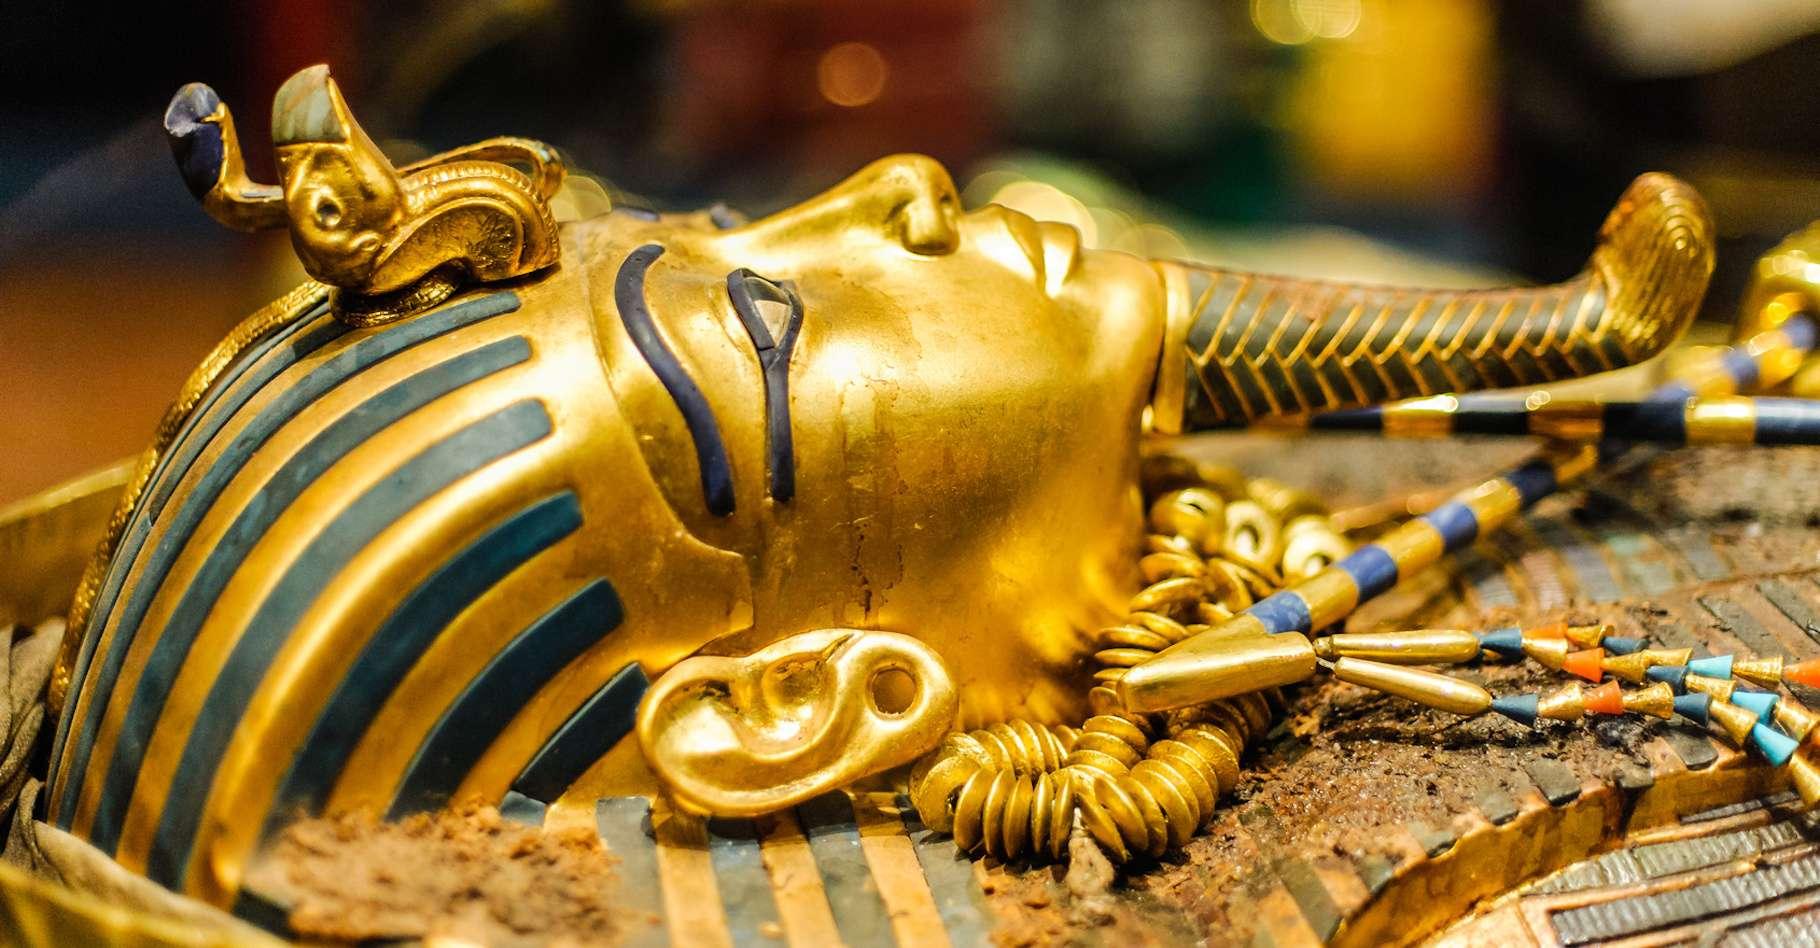 Après 3.300 ans d'existence, le sarcophage de Toutankhamon va être restauré pour la première fois. © Dieter Hawlan, Fotolia